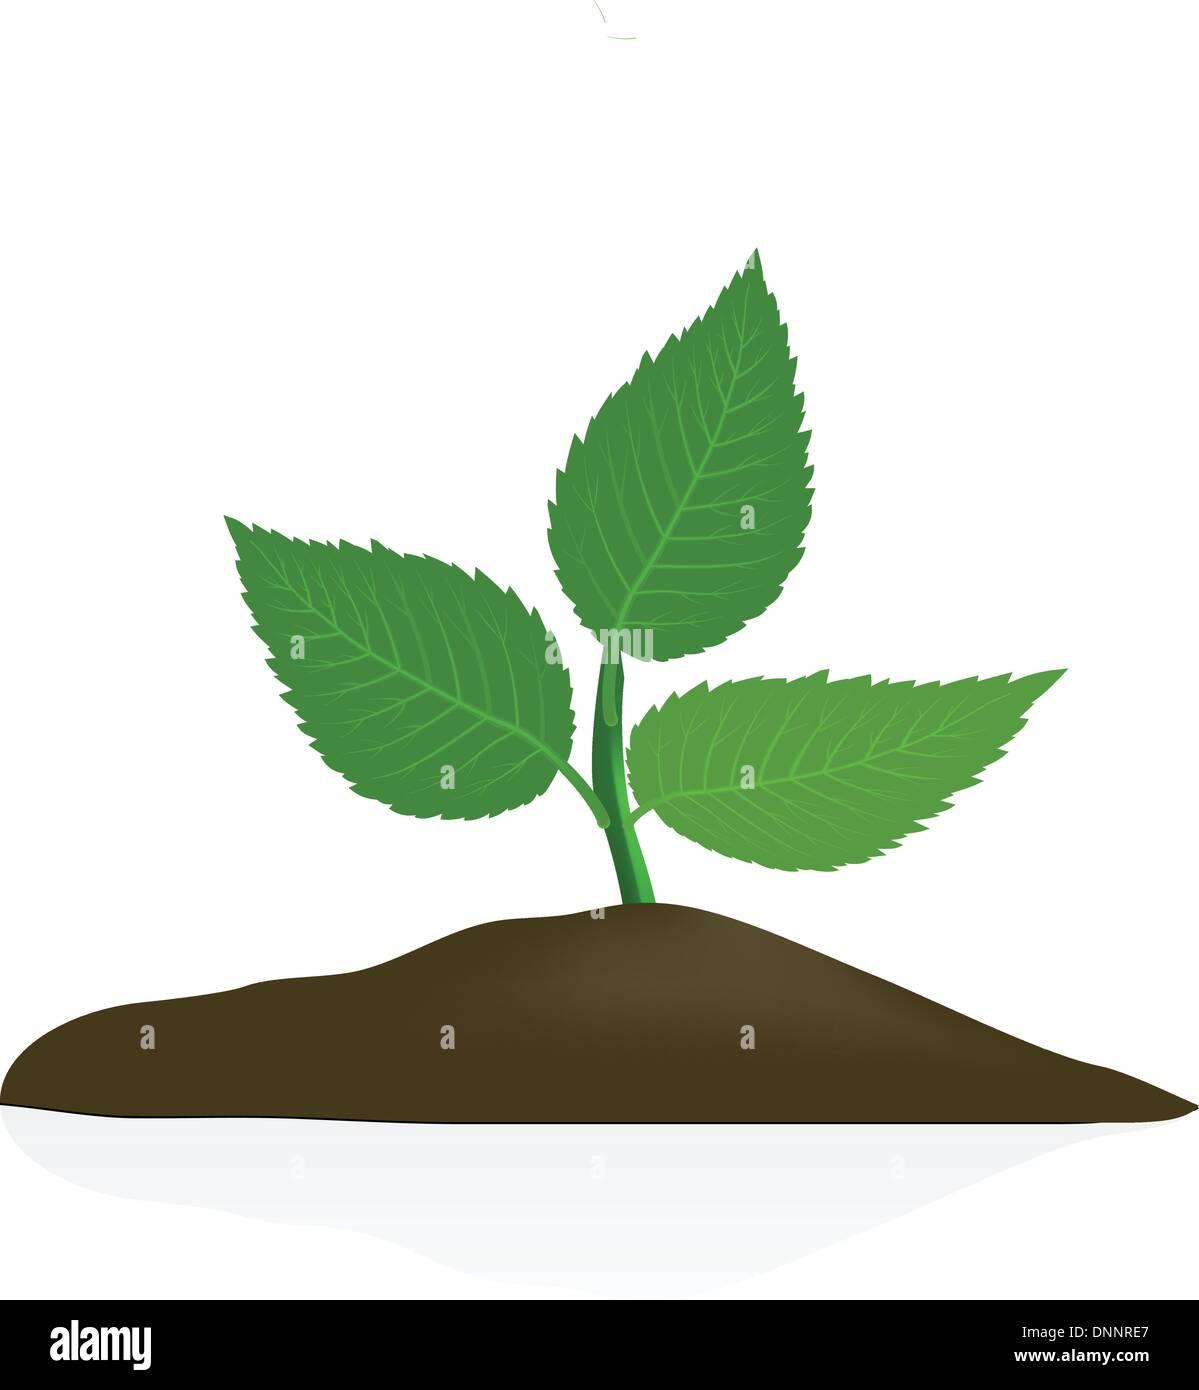 Junge Pflanze im dunklen Boden isoliert auf weißem Hintergrund Stock Vektor